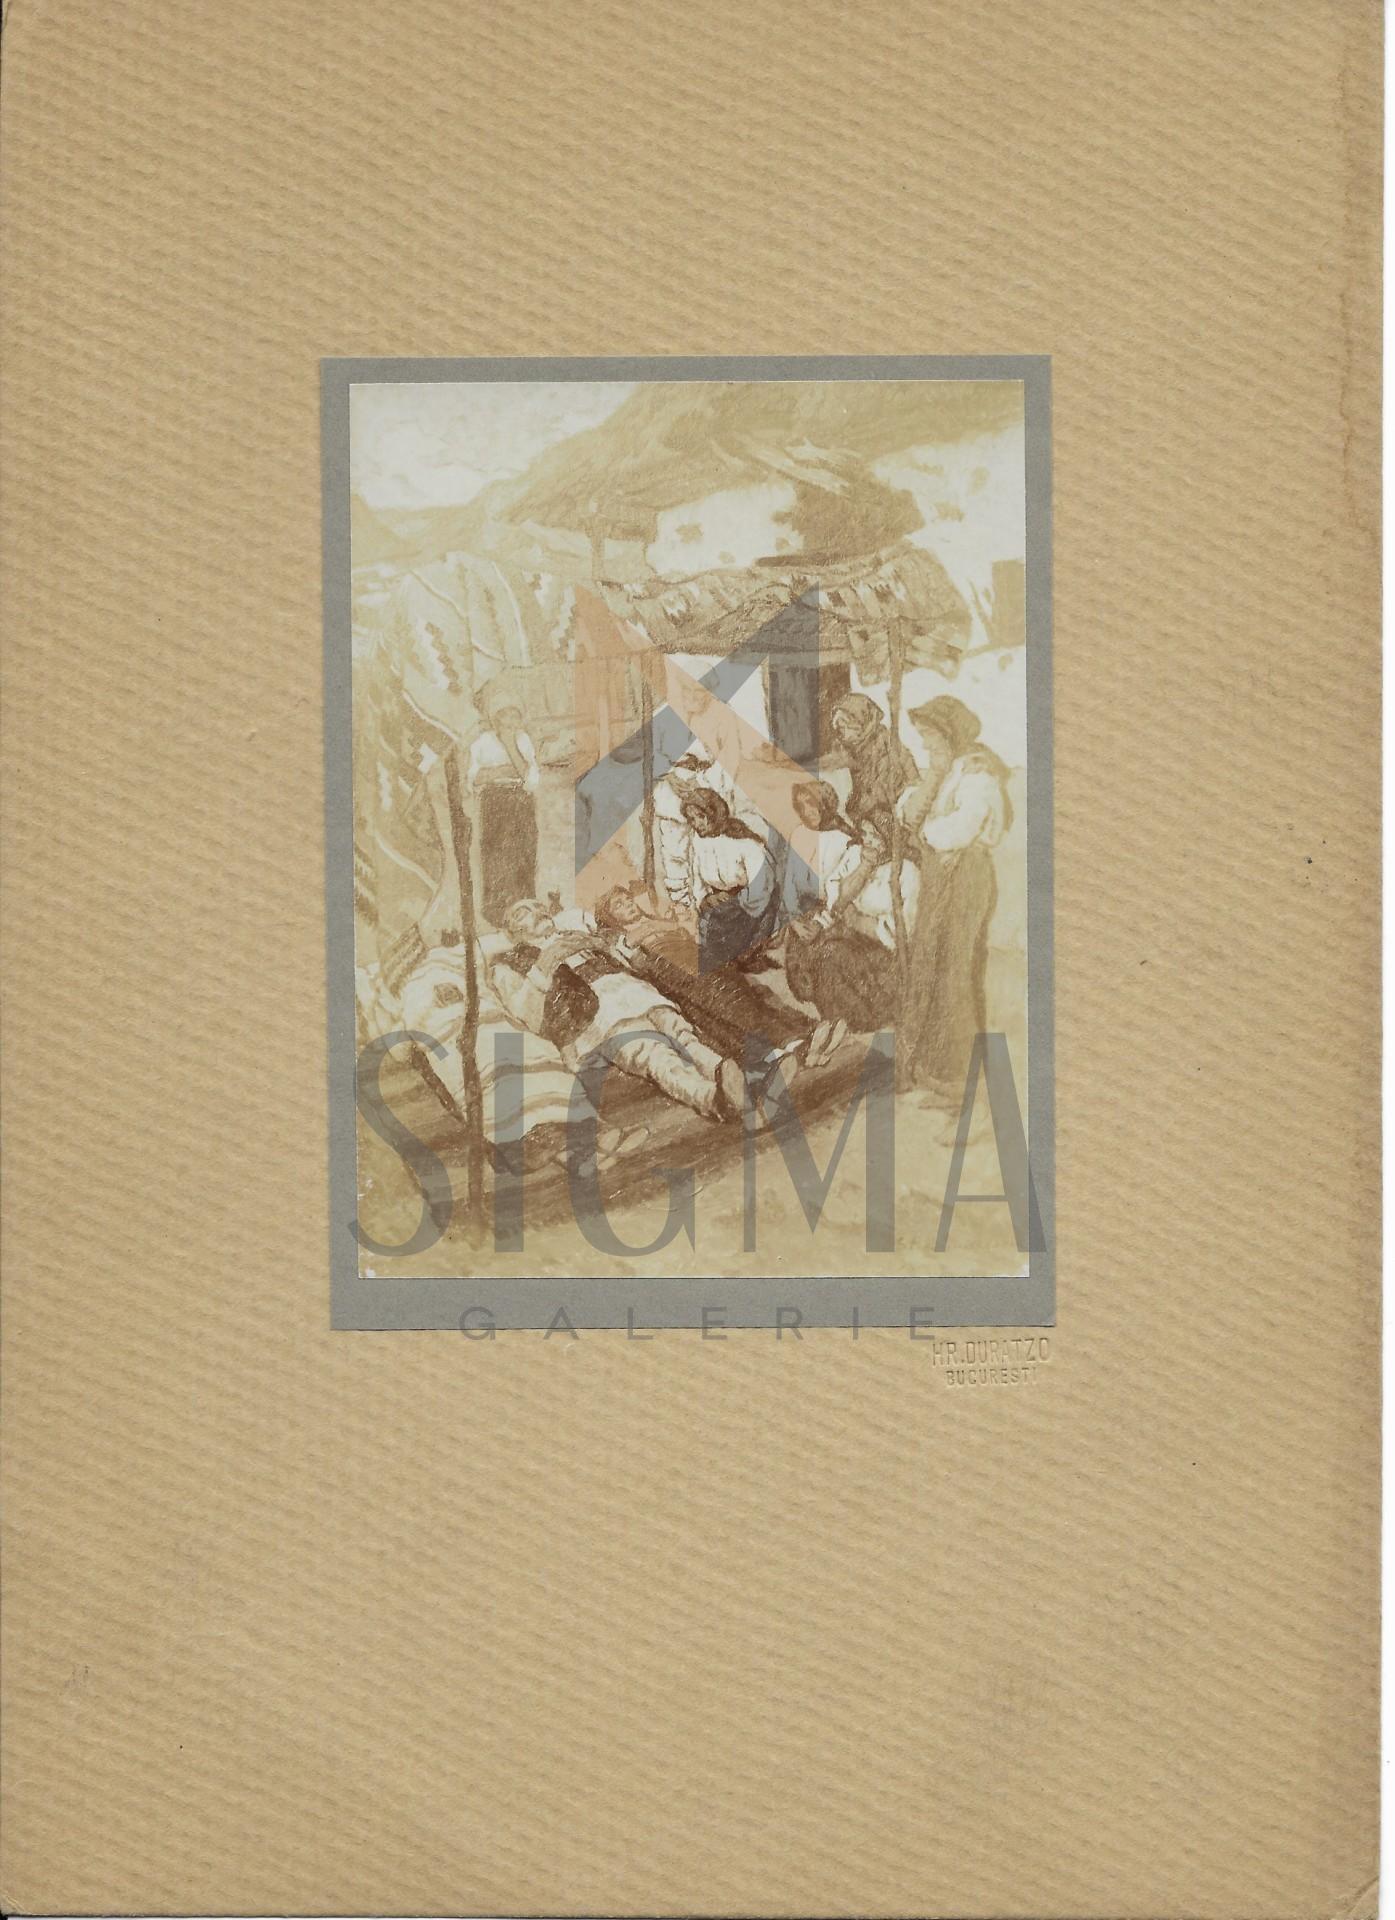 """FOTOGRAFIE ORIGINALA, TABLOU STEFAN DIMITRESCU """" URMA BOMBARDAMENTULUI""""  ( REVISTA LUCEAFARUL) 1919"""